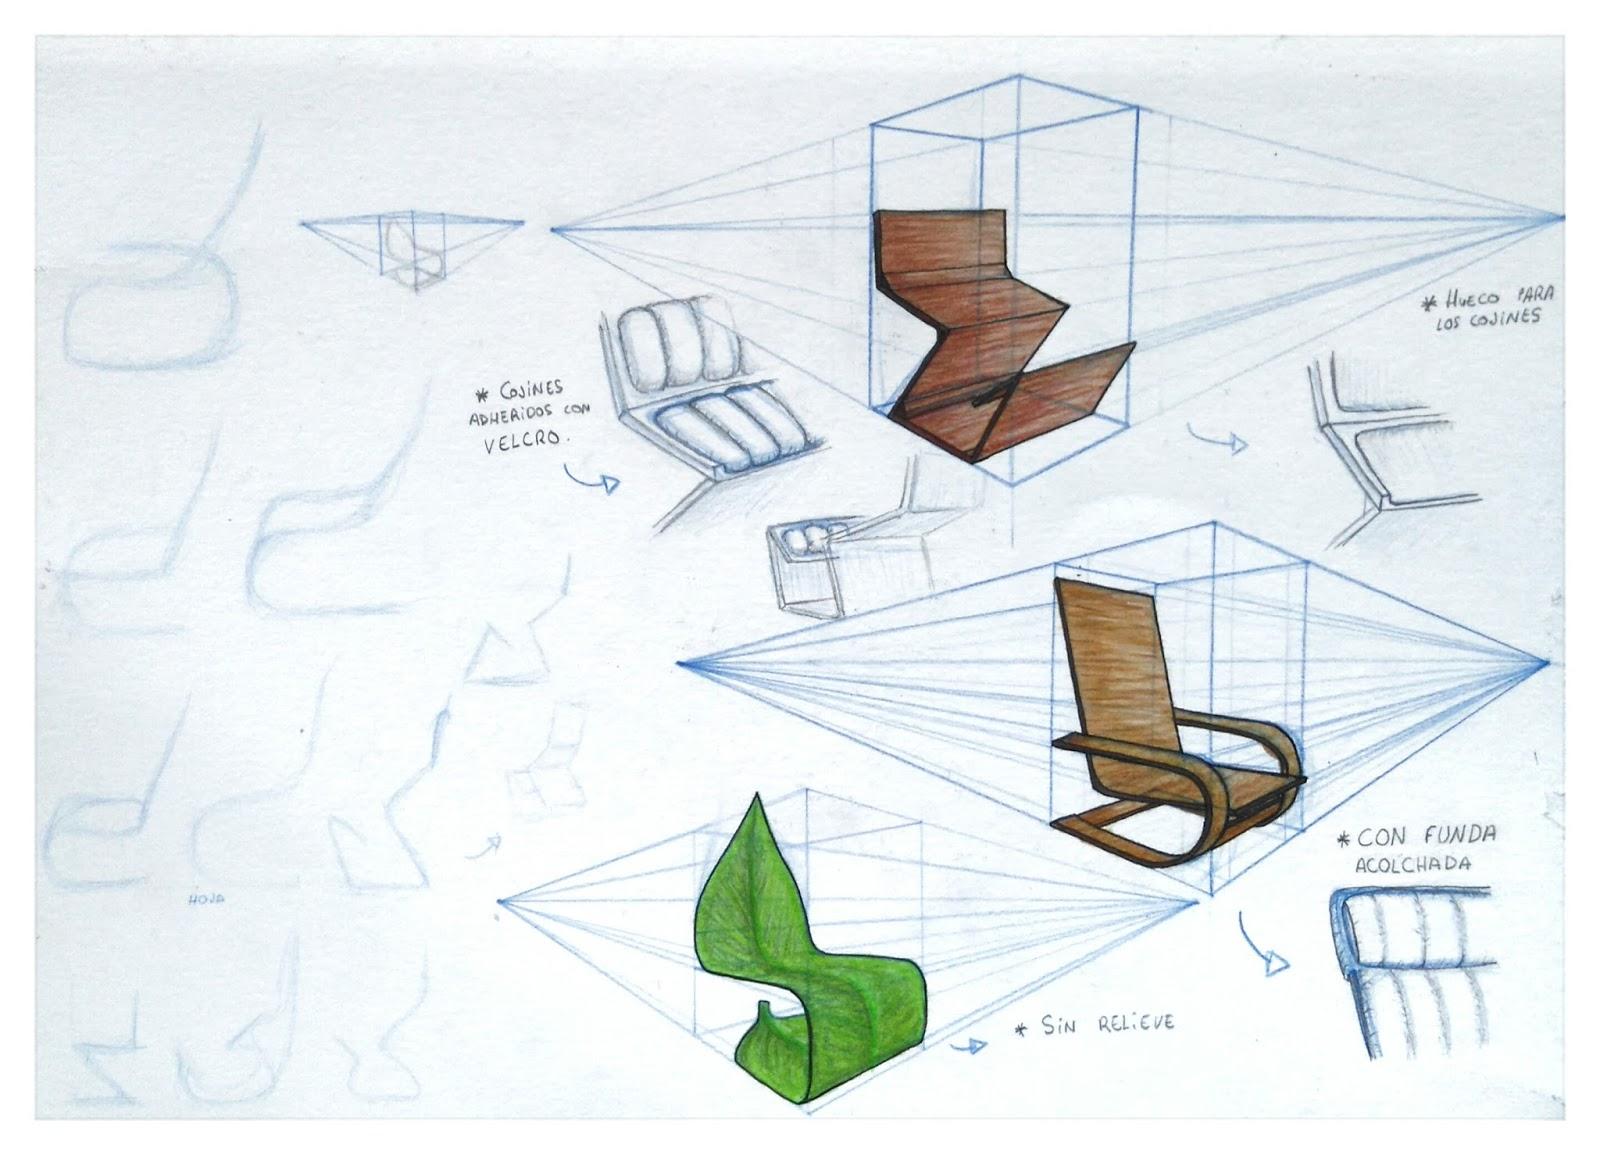 Mi cuaderno virtuart actividad 08 redise o de la silla for Silla zig zag planos